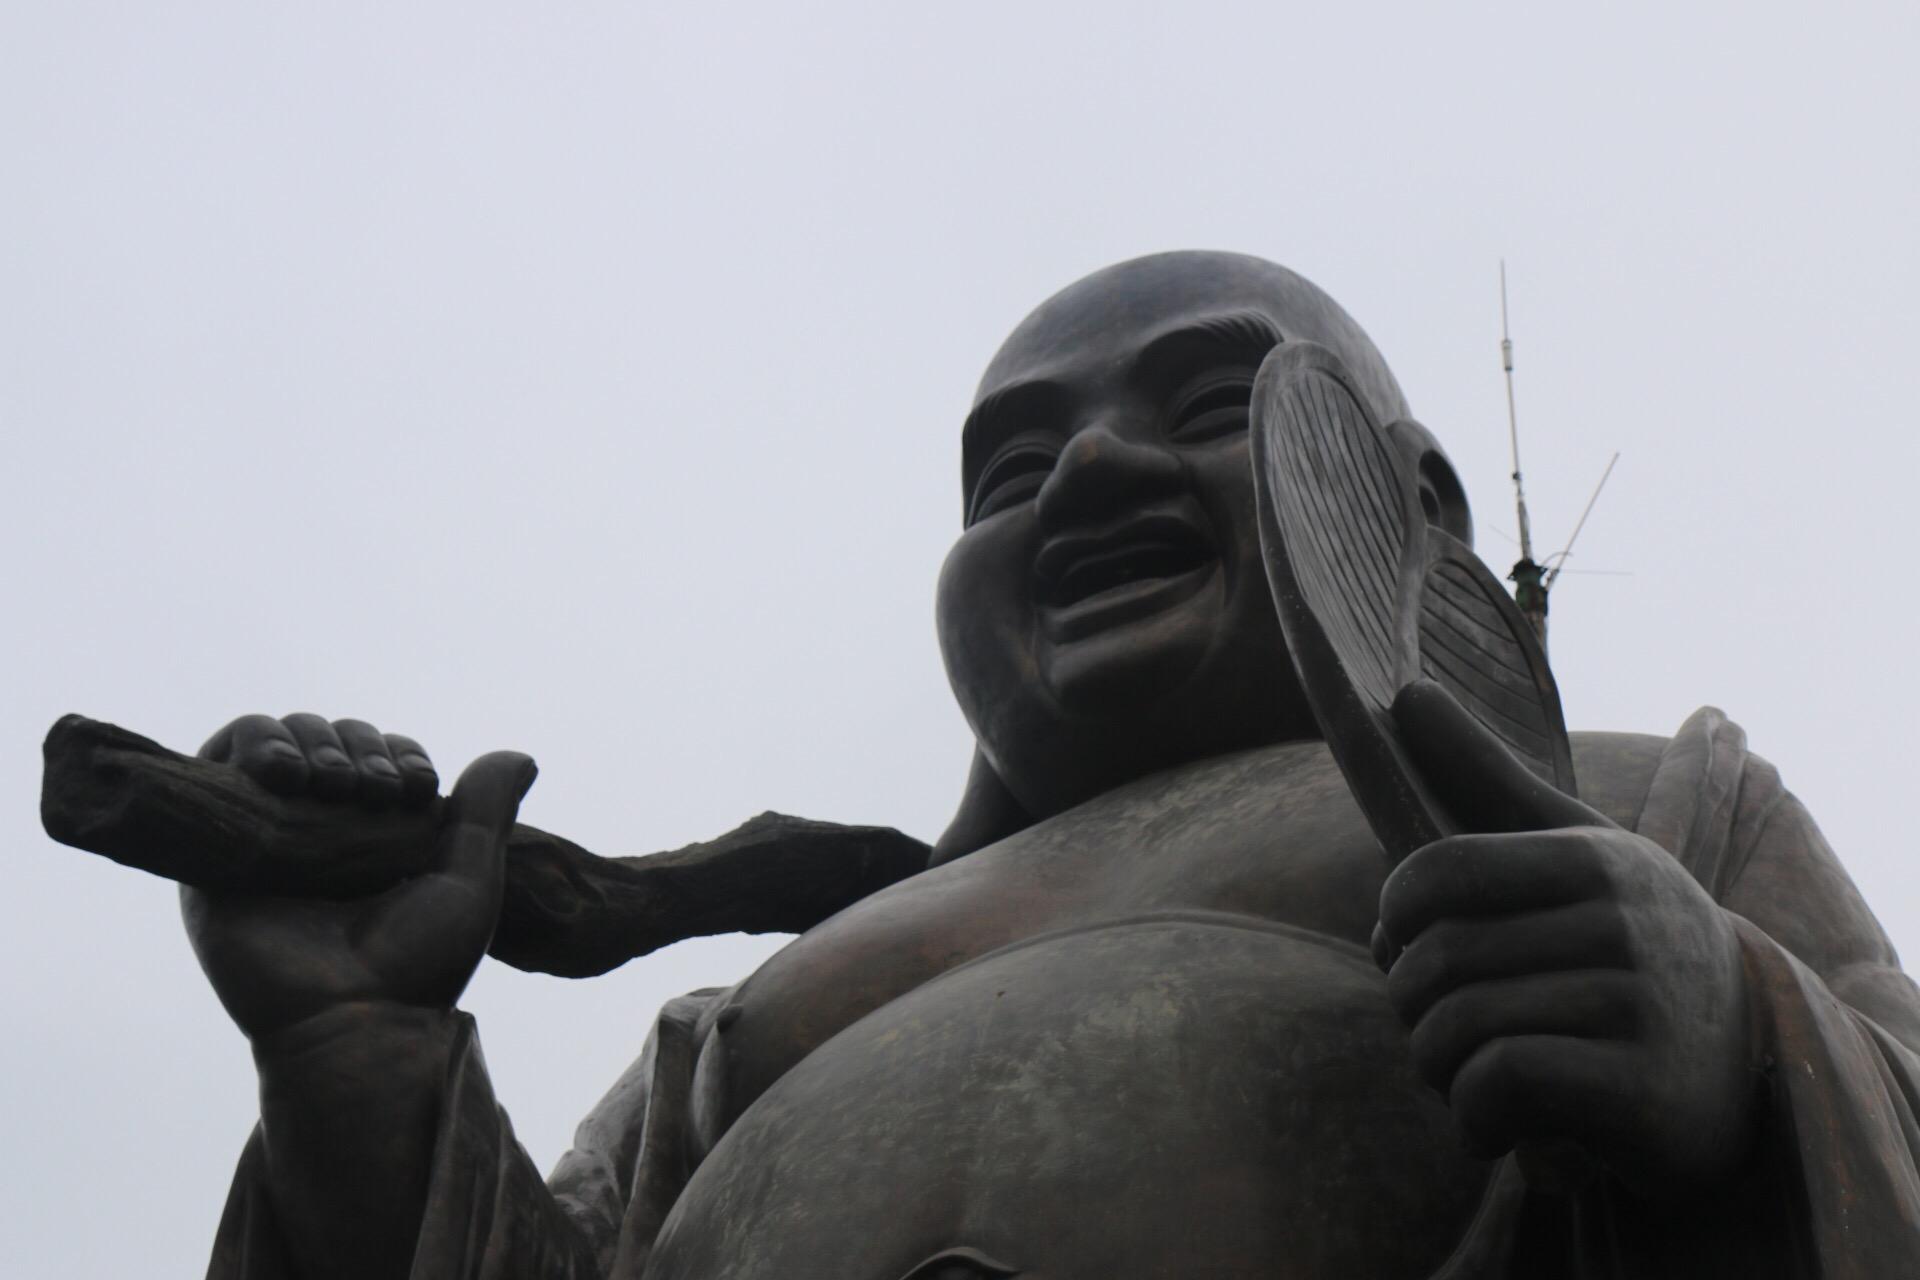 Ein 20 Meter hoher Buddha auf dem höchsten Hügel darf natürlich auch nicht fehlen.